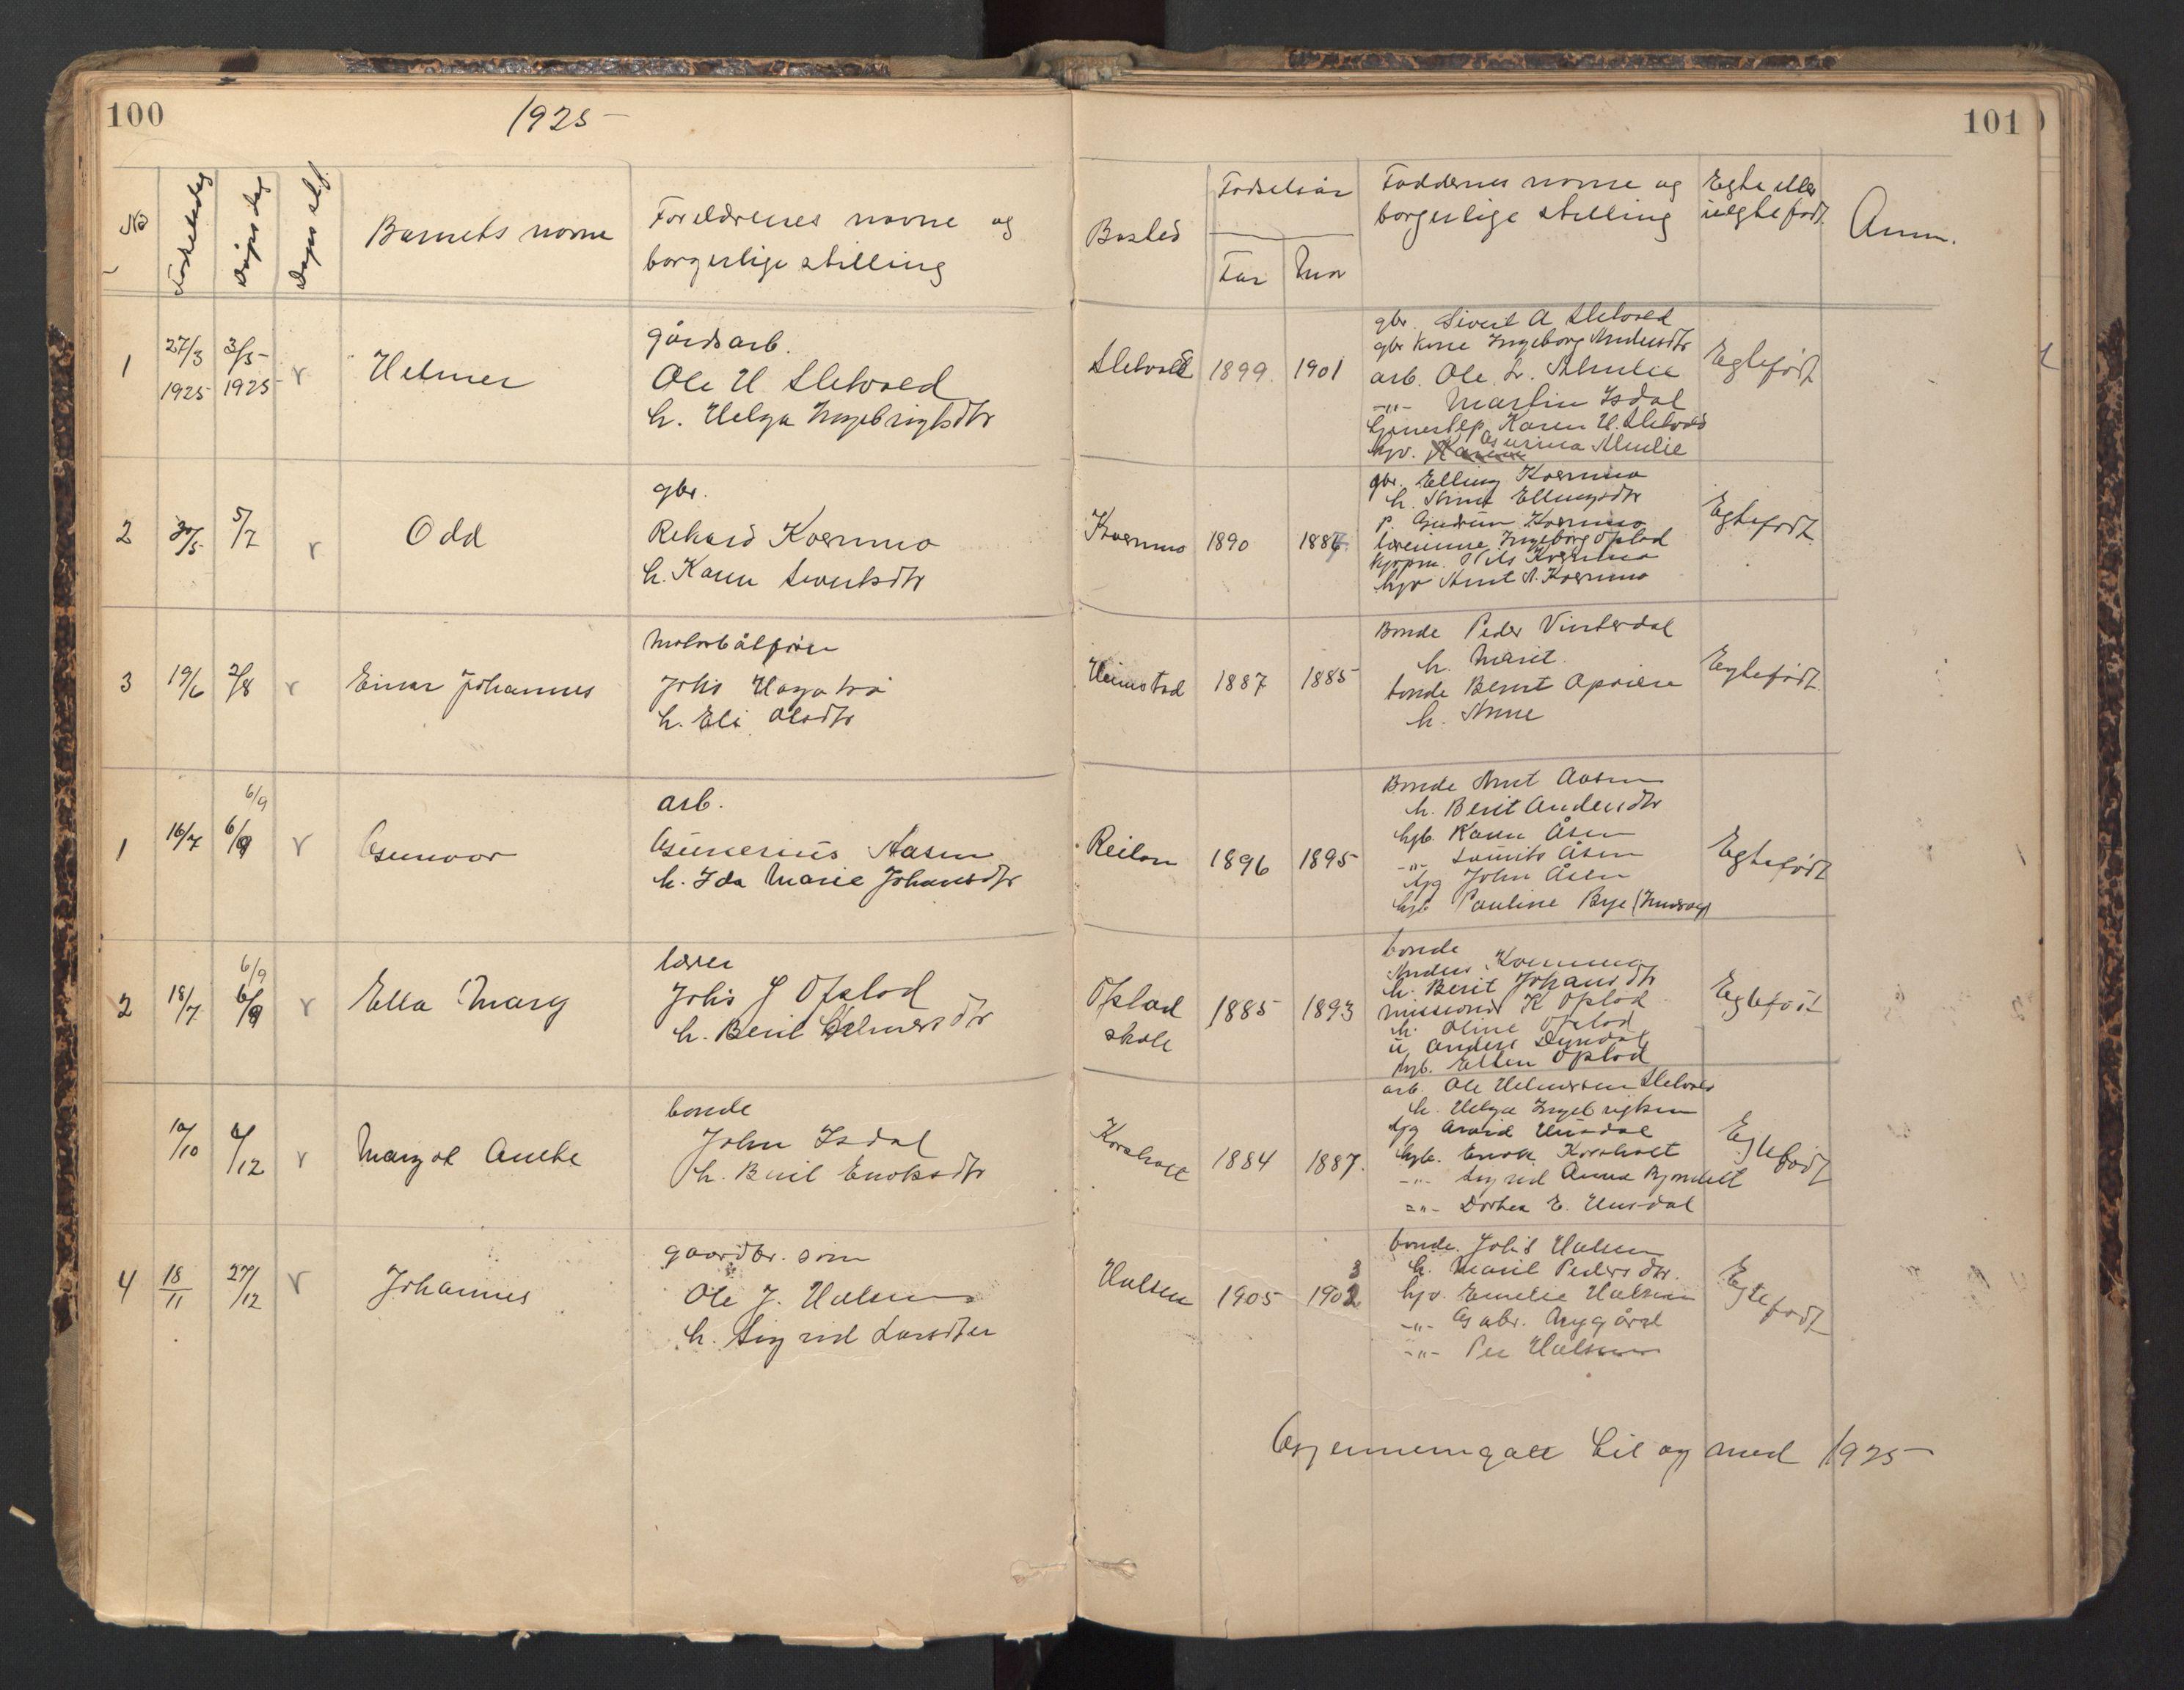 SAT, Ministerialprotokoller, klokkerbøker og fødselsregistre - Sør-Trøndelag, 670/L0837: Klokkerbok nr. 670C01, 1905-1946, s. 100-101